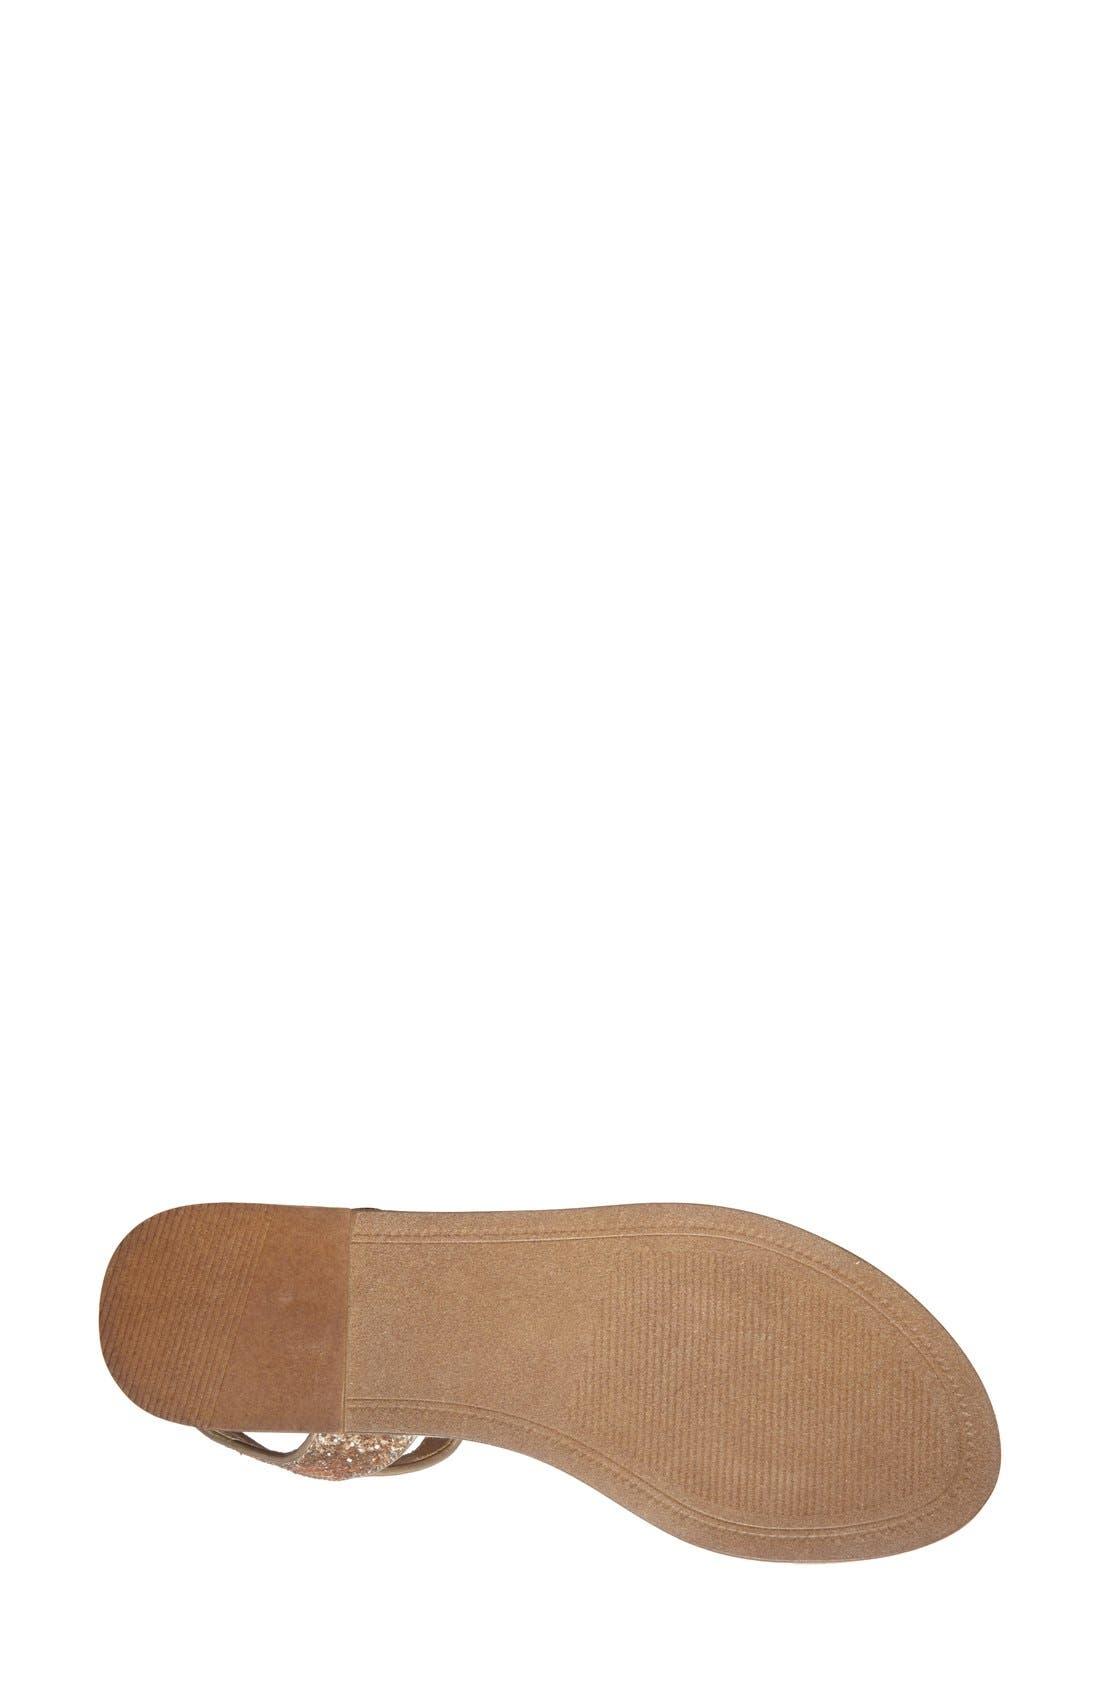 Alternate Image 4  - Steve Madden 'Donddi' Ankle Strap Sandal (Women)